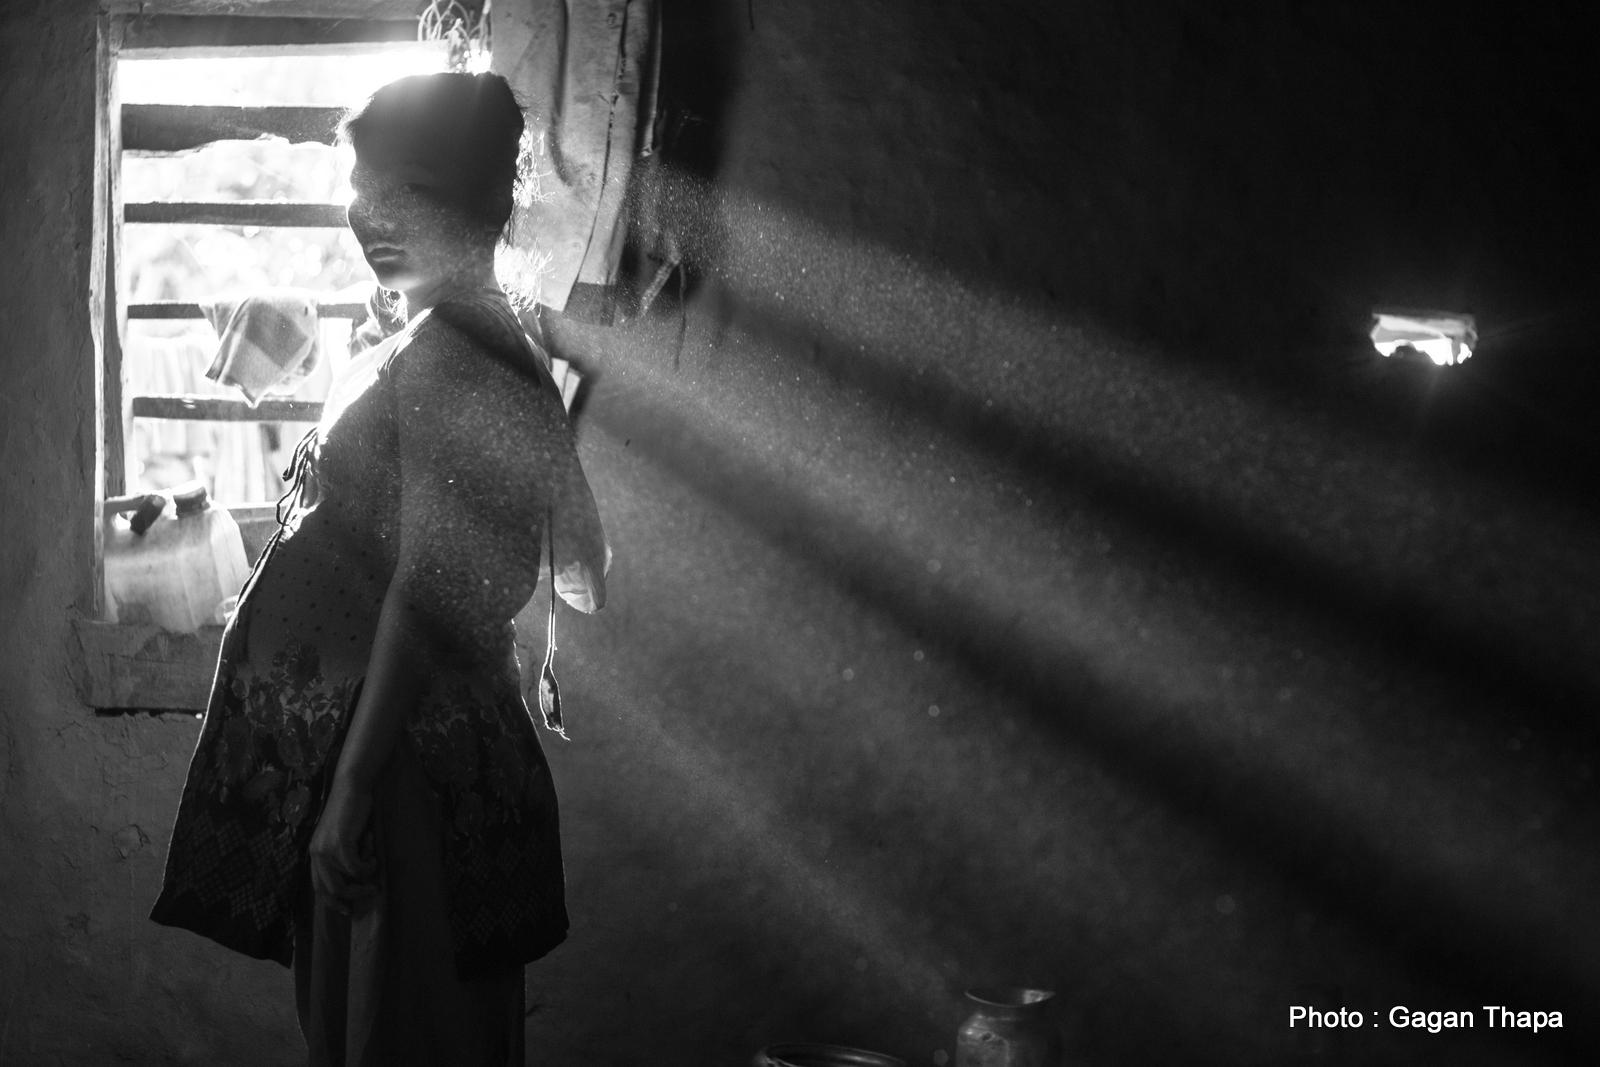 एउटा अपत्यारिलो तर तीतो यथार्थ, १२ वर्षको कलिलो उमेरमै आमा बन्दैछिन् गंगा : भन्छिन् - सजाय भोगिरा'छु